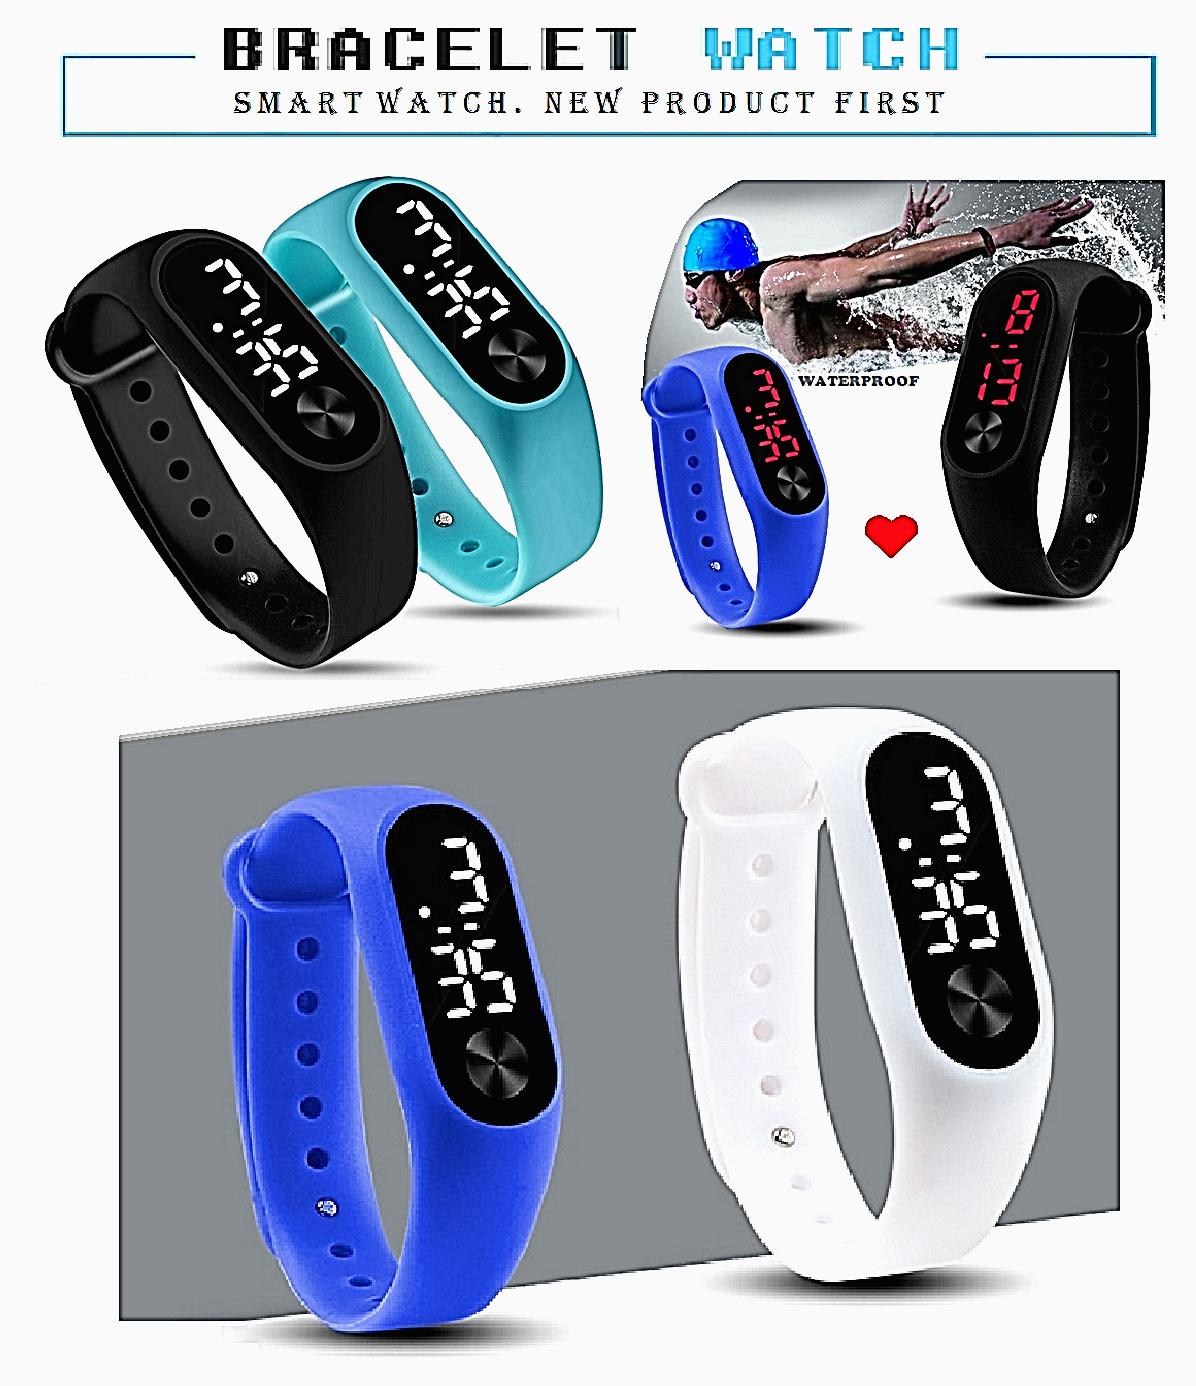 Orologio bracciale da polso uomo/donna/bambini unisex digitale sport vari colori 2